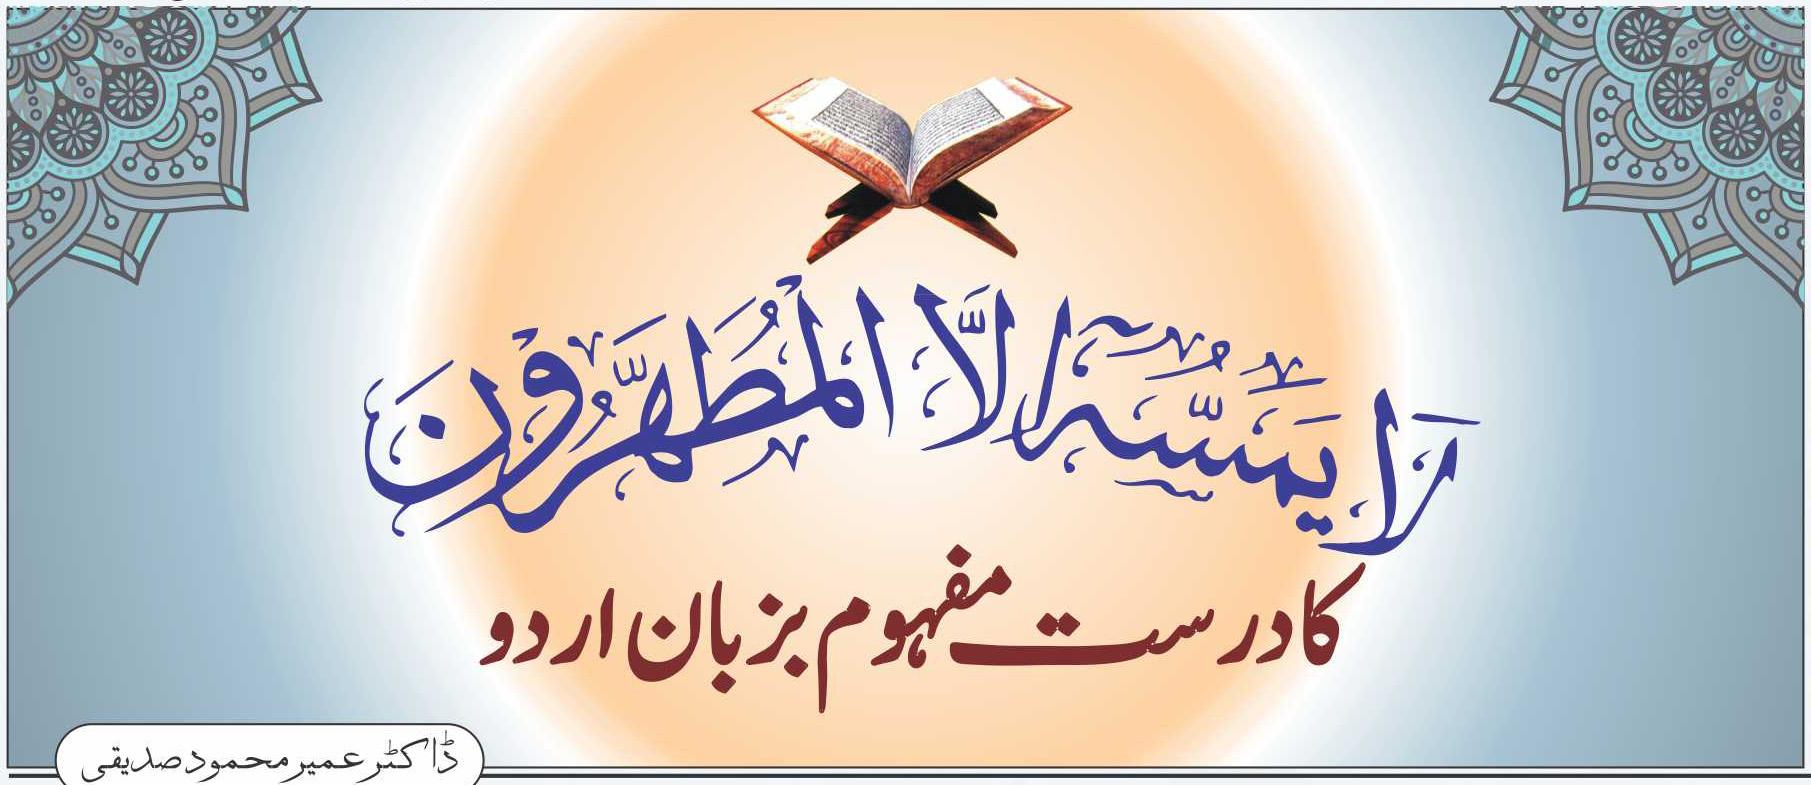 لایمسہ الا المطھرون کا درست مفہوم بزبان اردو